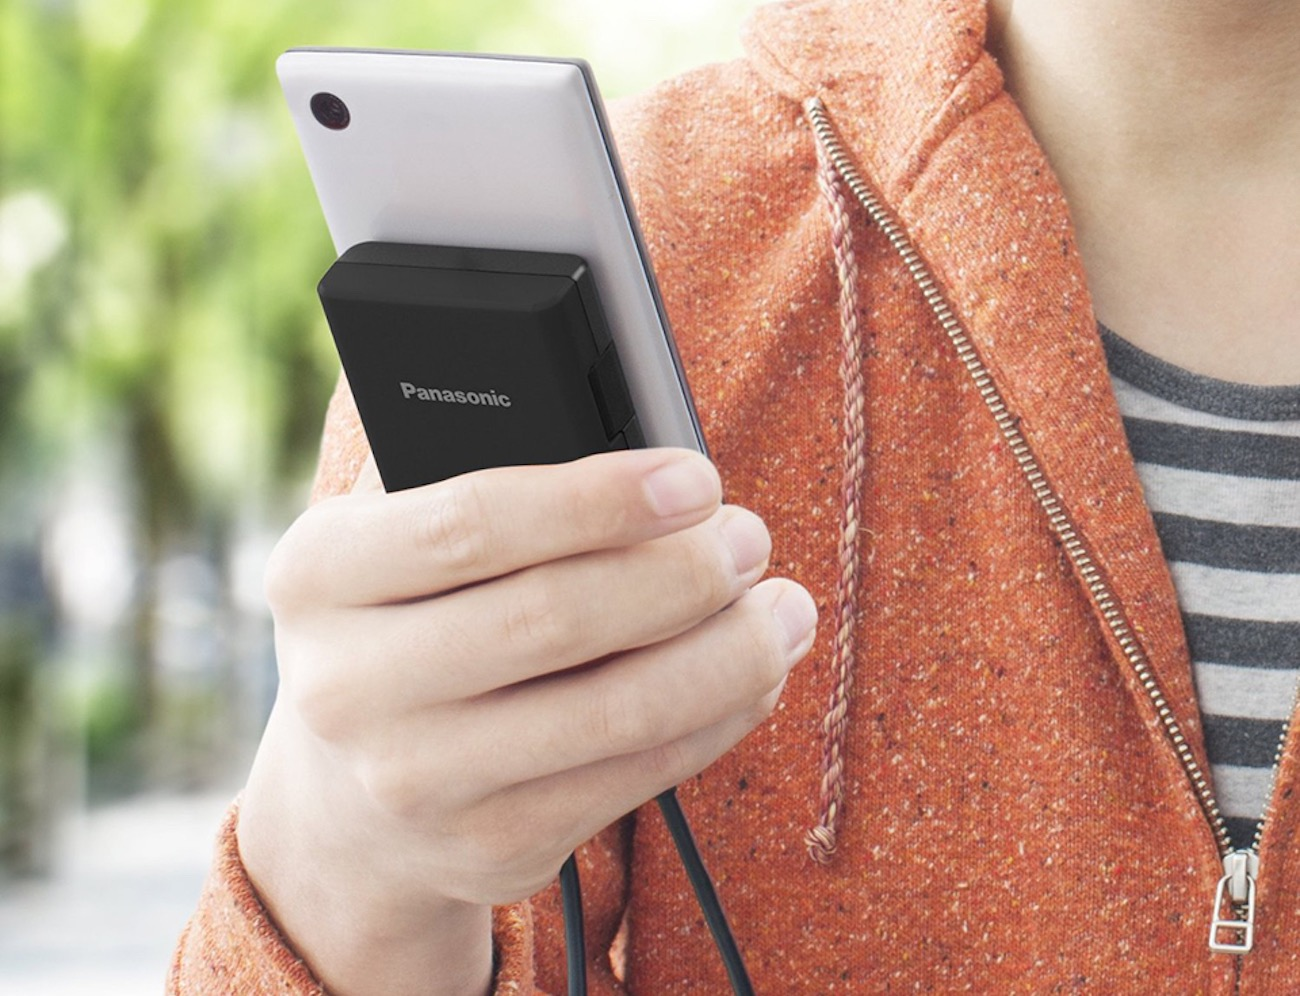 Panasonic Mobile Travel Charger